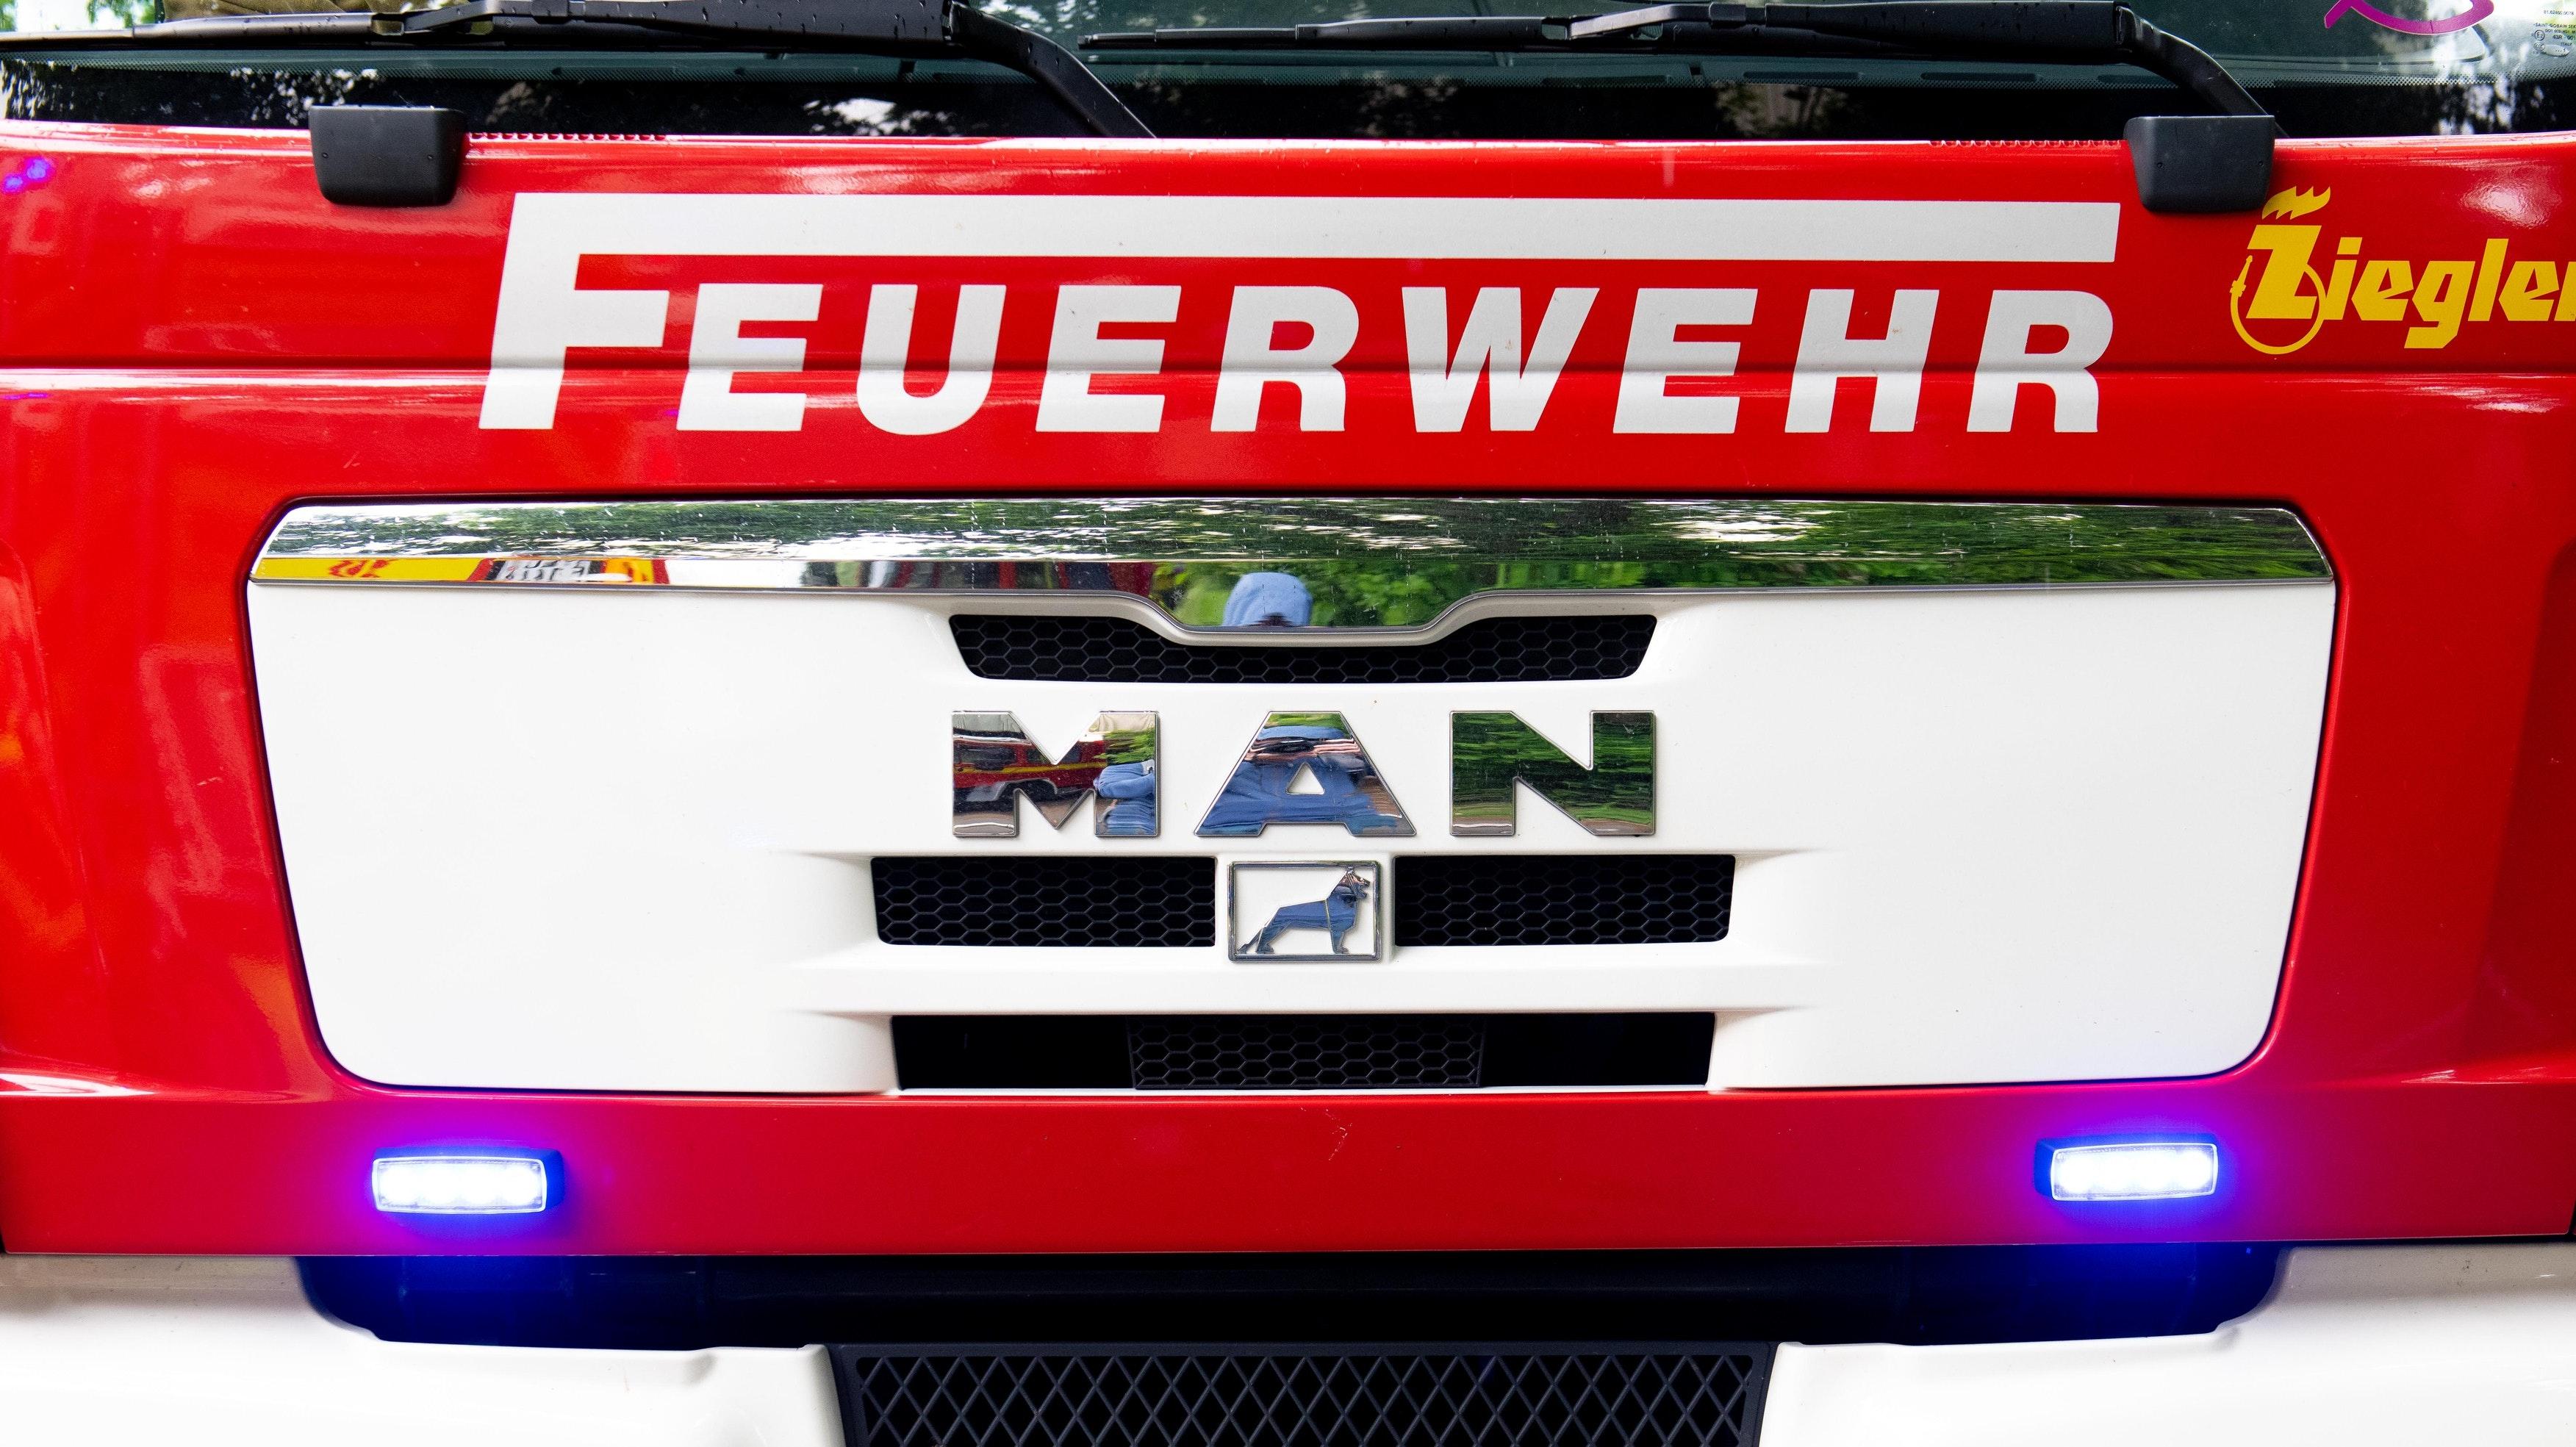 Die Feuerwehr war am Freitagmorgen in Damme im Einsatz. Foto: Chowanietz